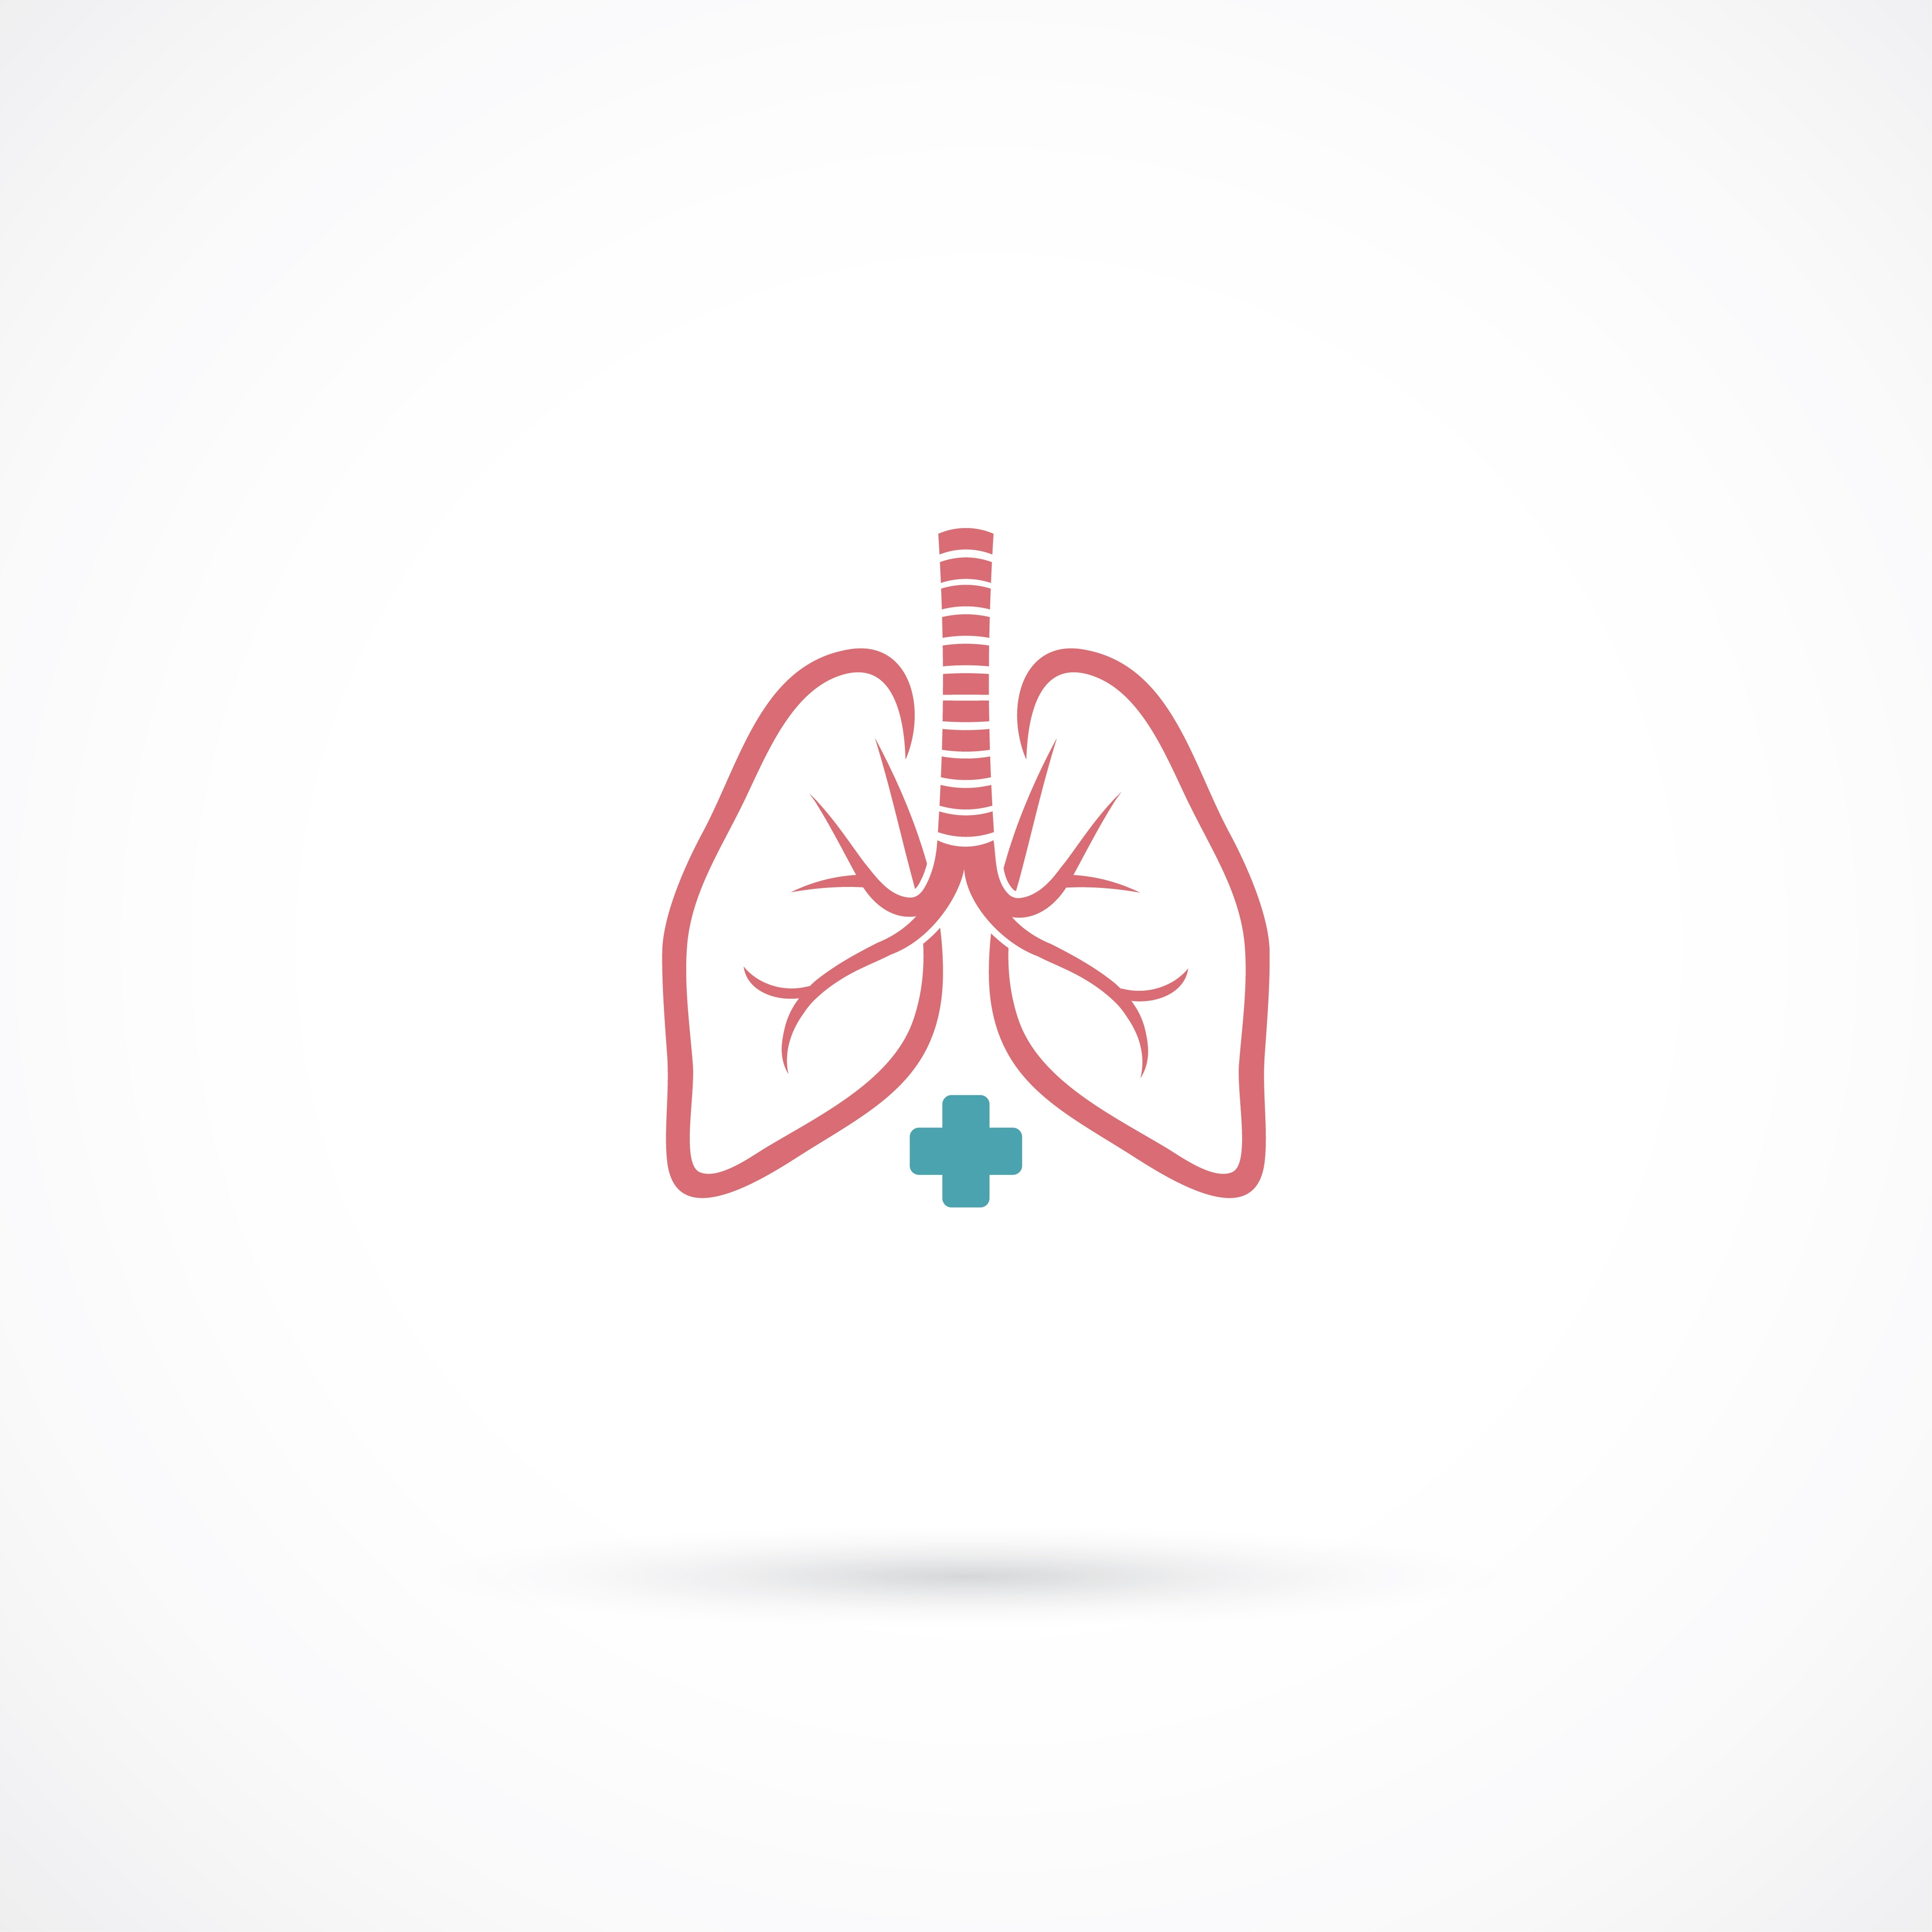 בדיקת סי.טי ריאות בקרינה נמוכה